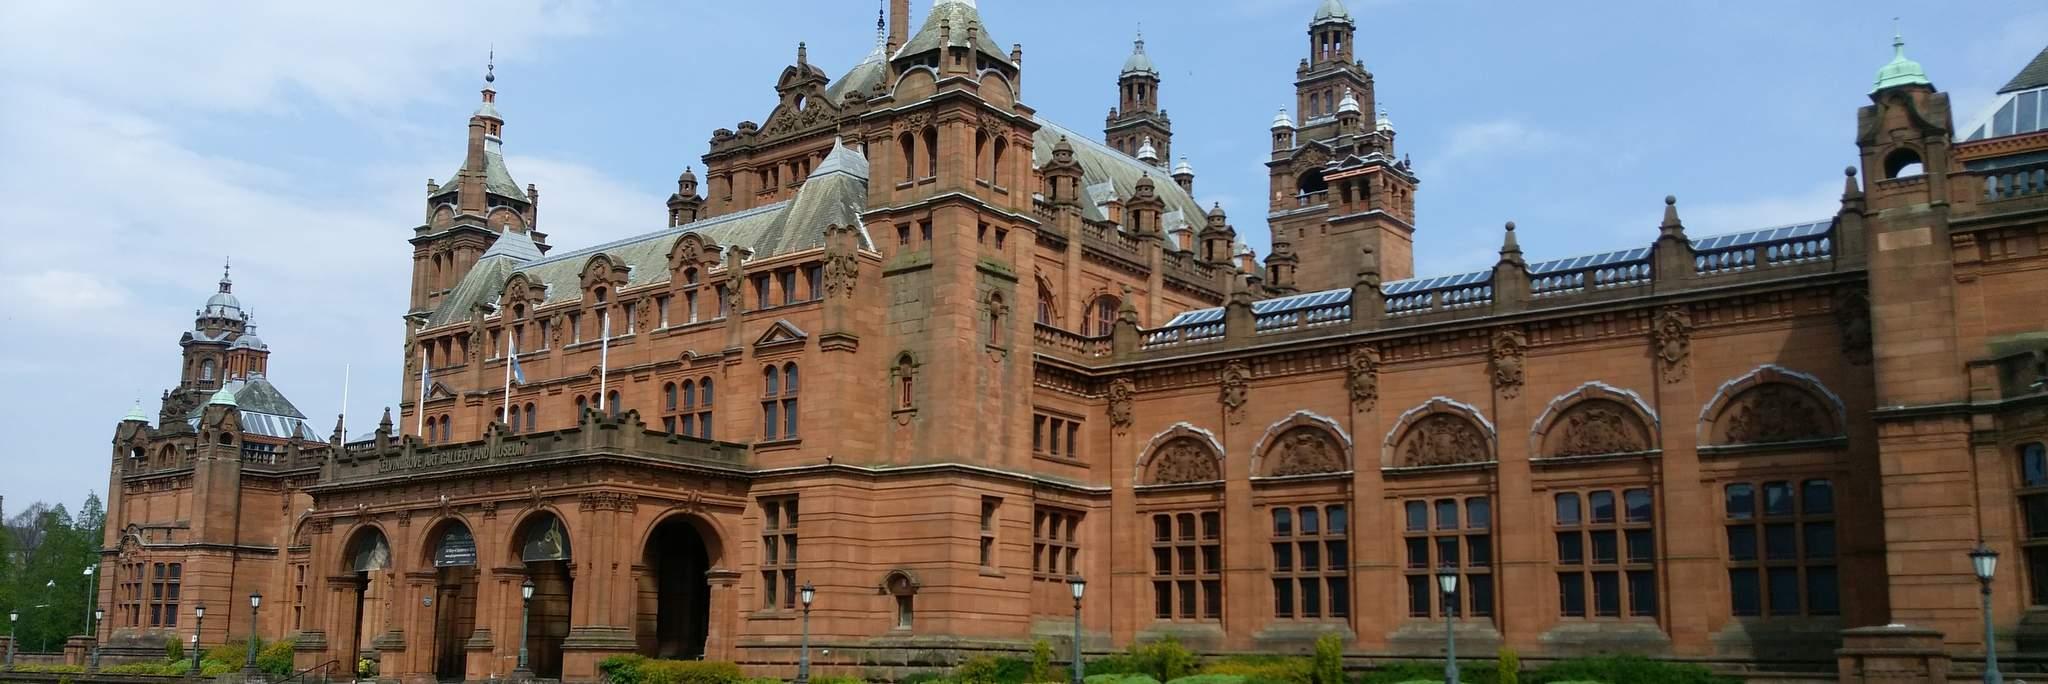 Kevingrove museum Glasgow